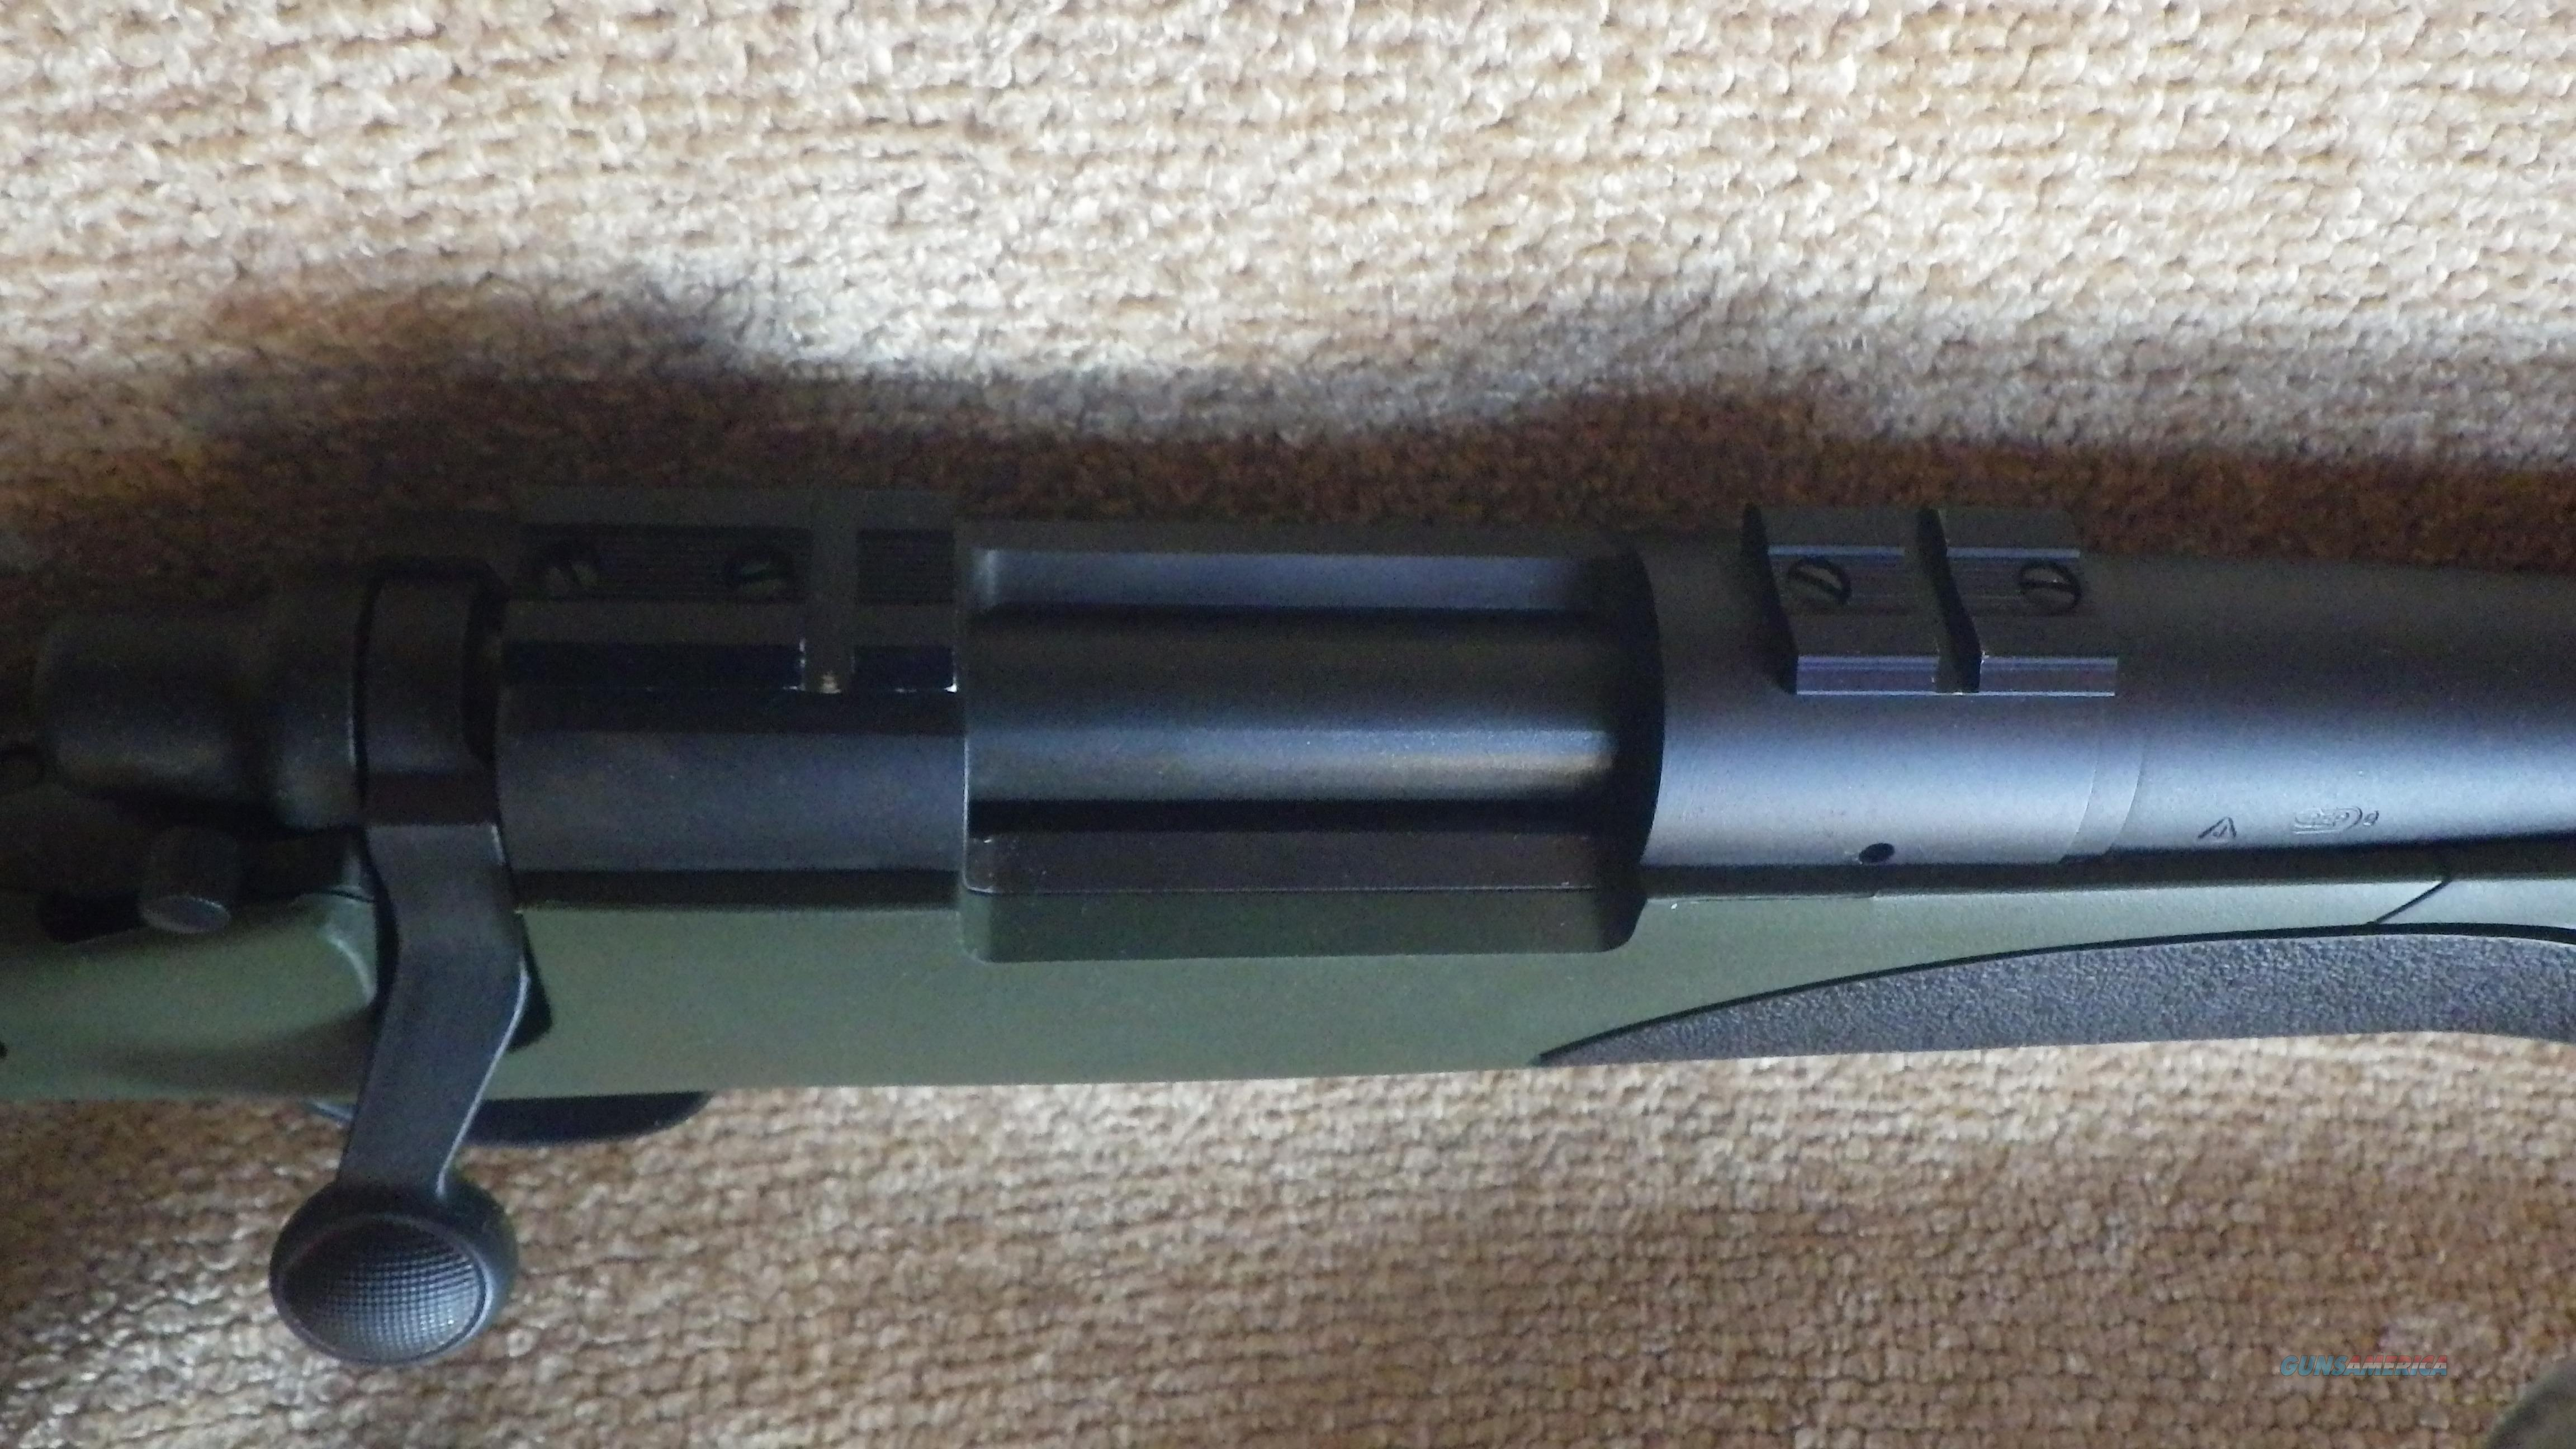 Remington 700 VTR 243 Varmint/Tactical rifle with Built-in Muzzle Break